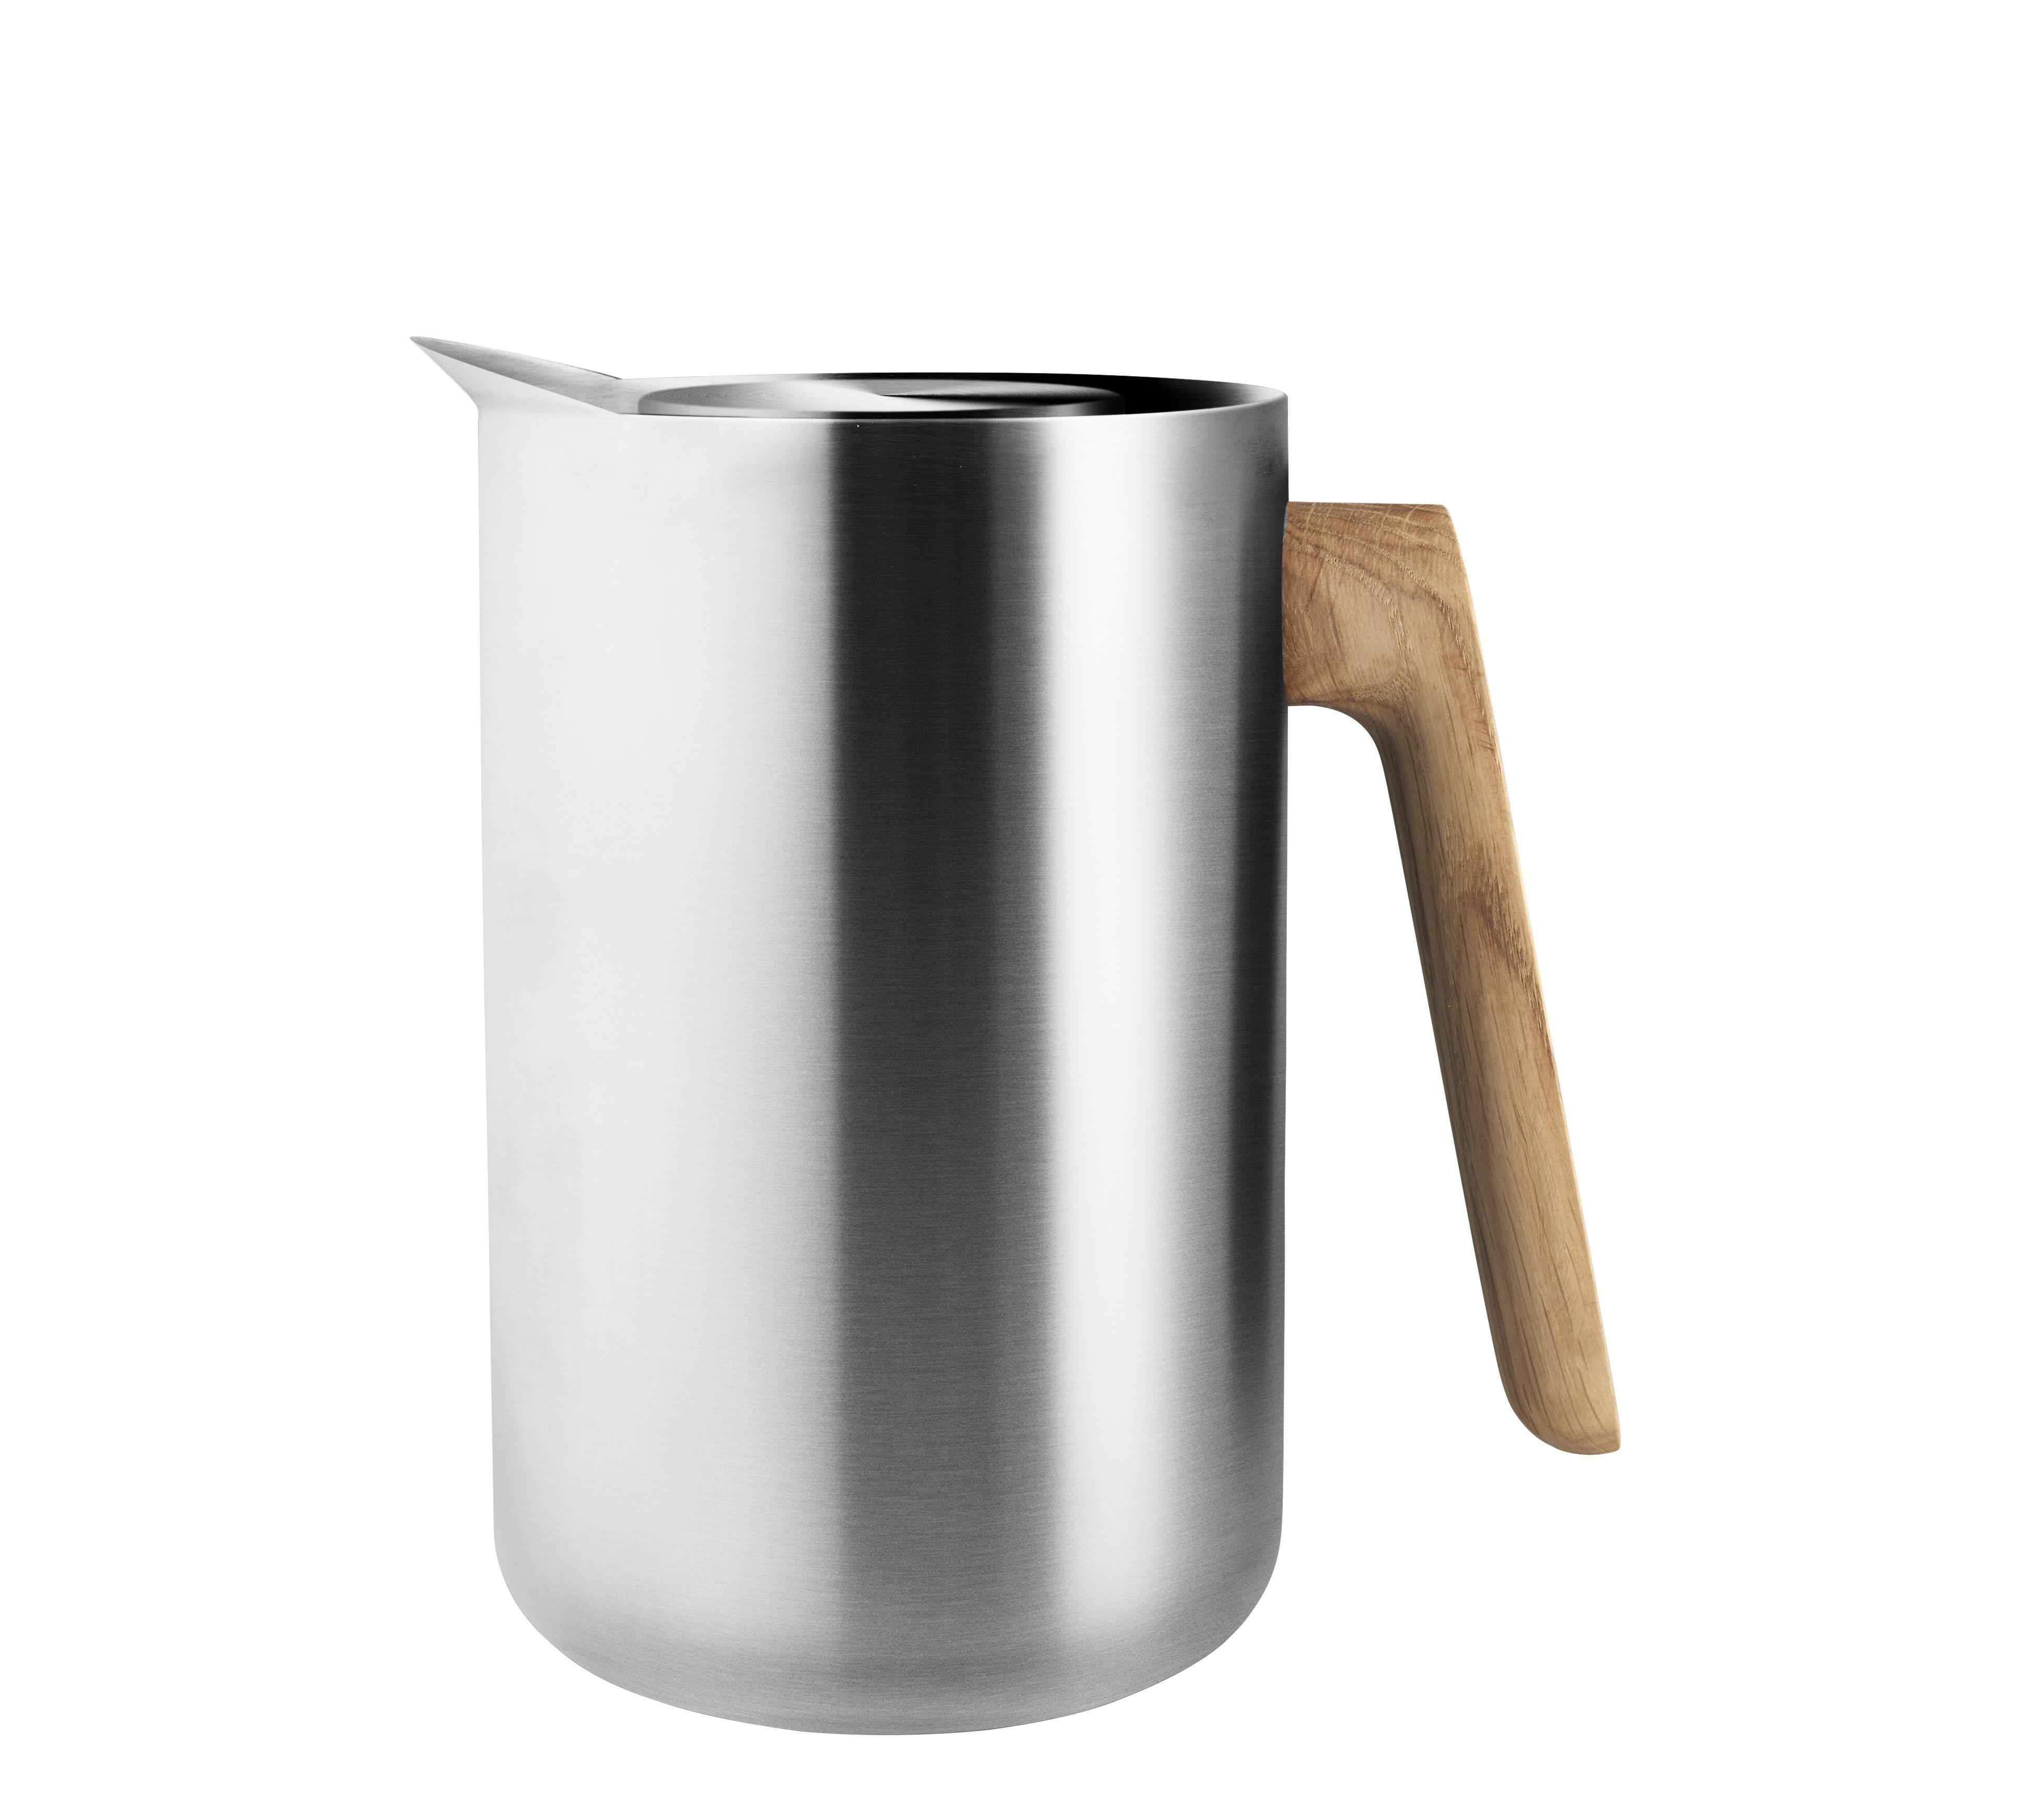 Arts de la table - Thé et café - Pichet isotherme Nordic Kitchen / 1 L - Acier & chêne - Eva Solo - Inox / Chêne - Acier inoxydable, Chêne, Plastique